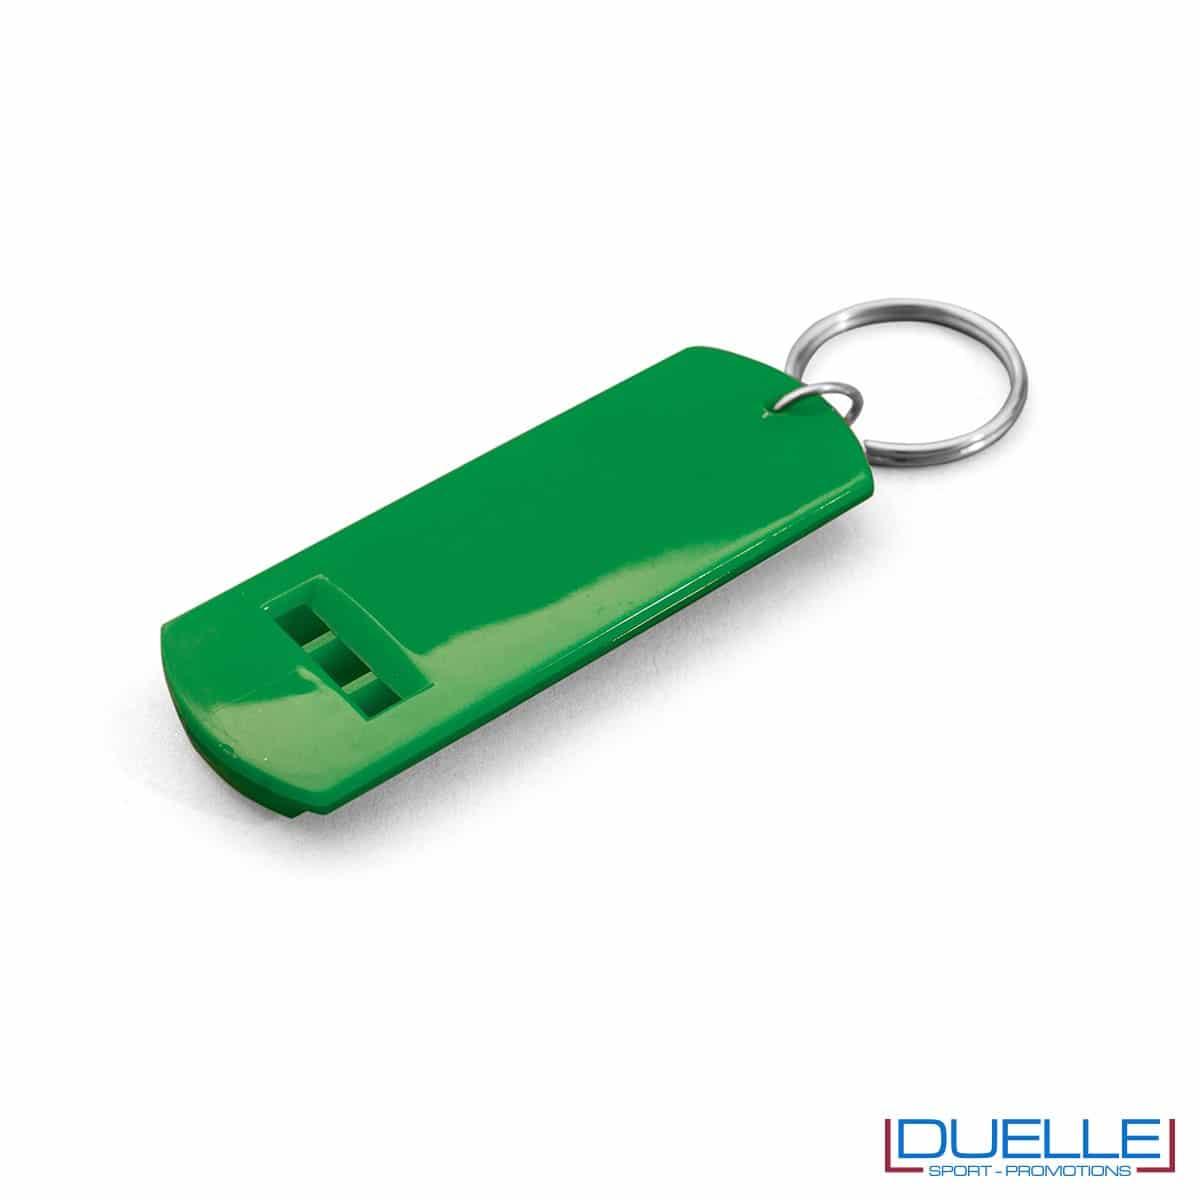 fischietto personalizzato portachiavi colore verde, gadget tifo, gadget portachiavi, gadget personalizzato